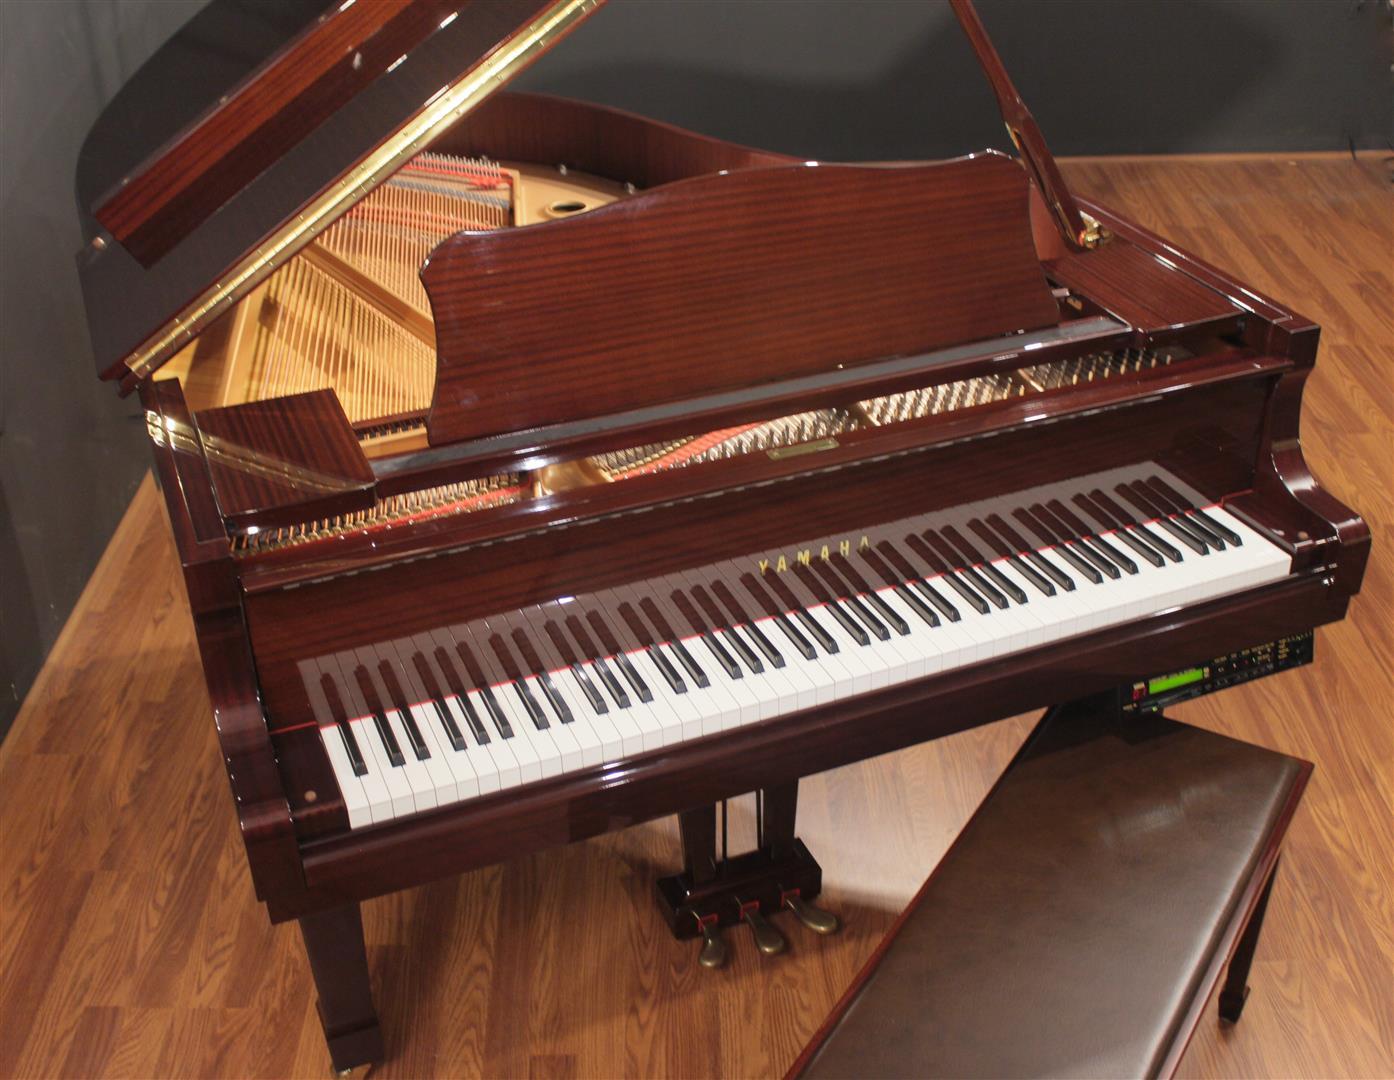 Yamaha disklavier dc2 5 39 8 39 39 player grand piano polished for Yamaha pianos dc